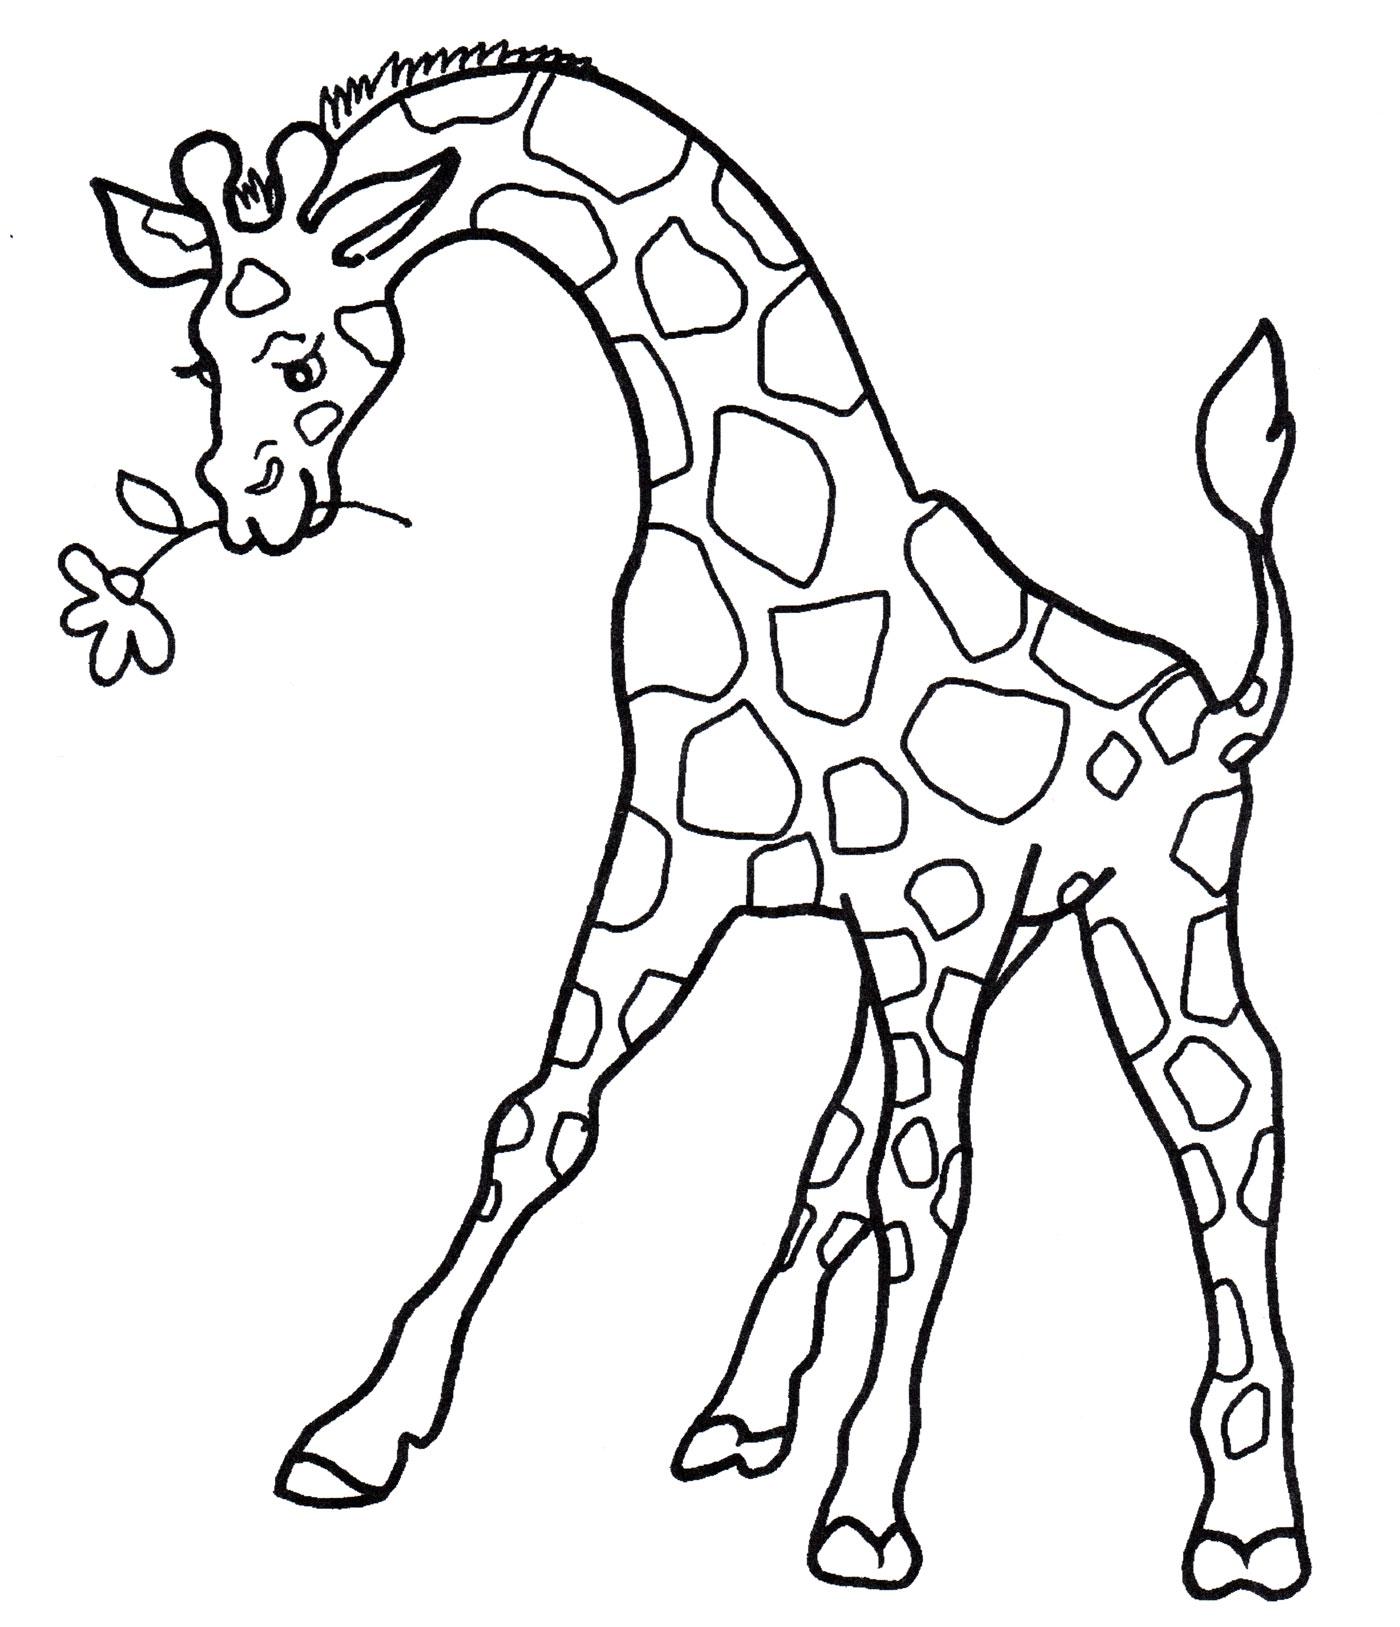 Раскраска Жираф с цветочком - распечатать бесплатно